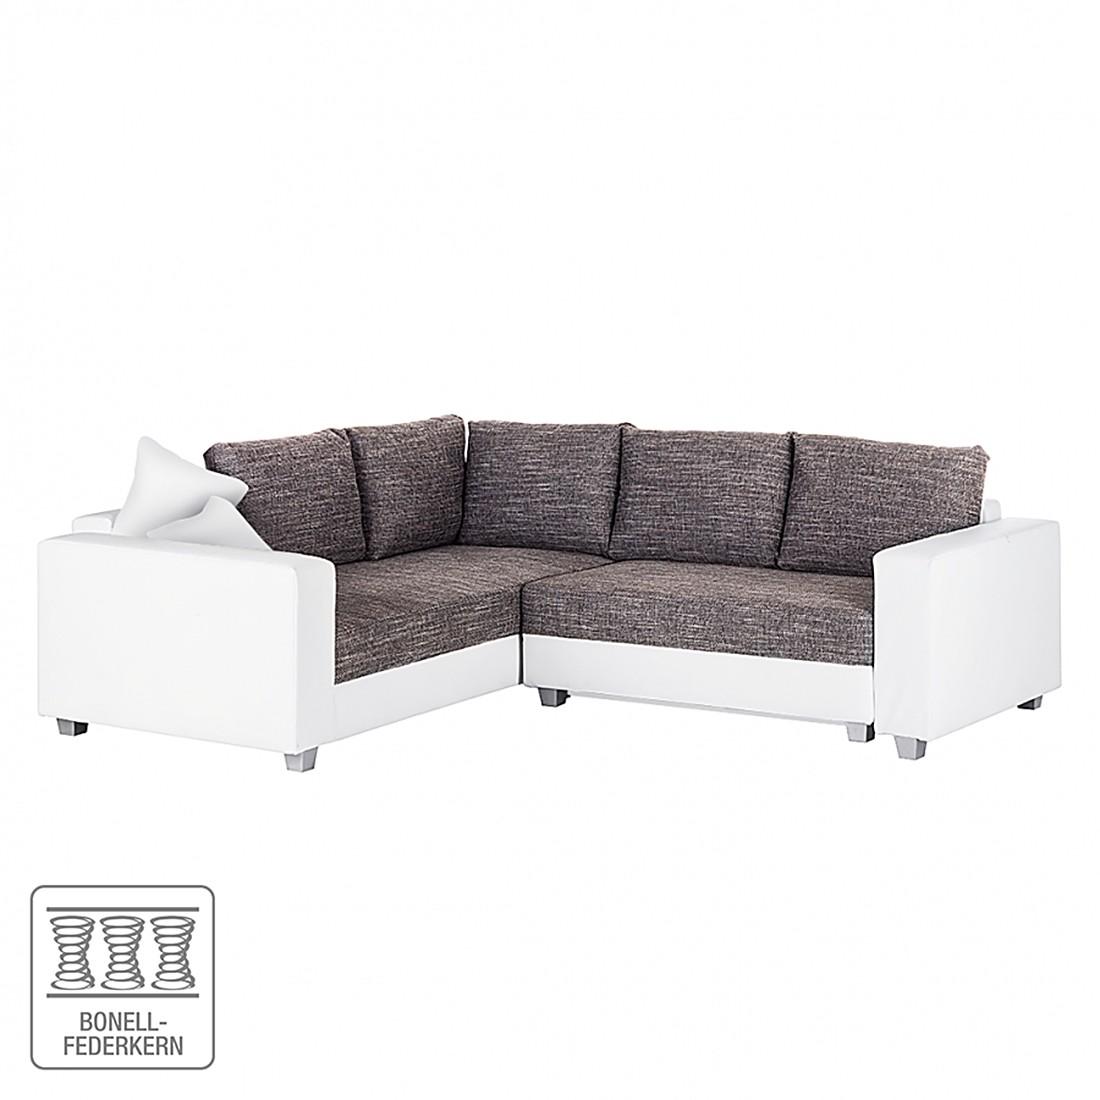 Ecksofa Dublin (mit Schlaffunktion) – Kunstleder Weiß/Strukturstoff Grau, roomscape jetzt kaufen